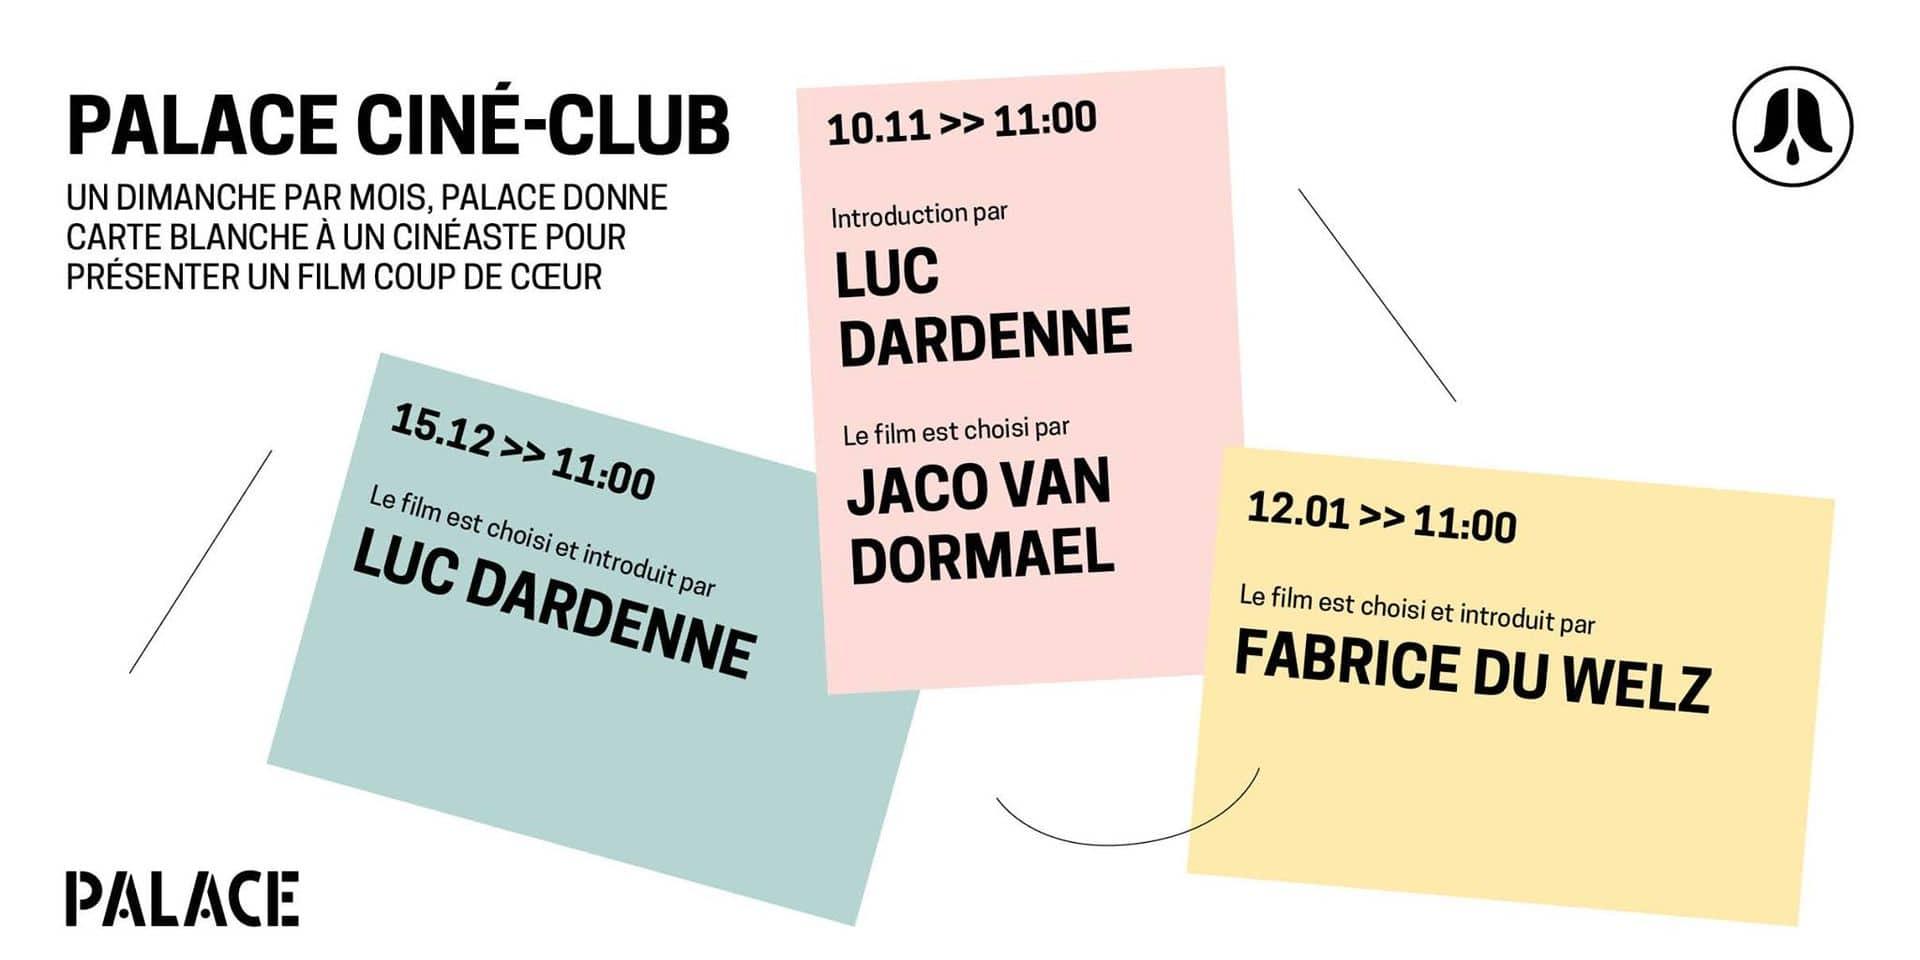 Remportez vos places pour le Palace Ciné-Club